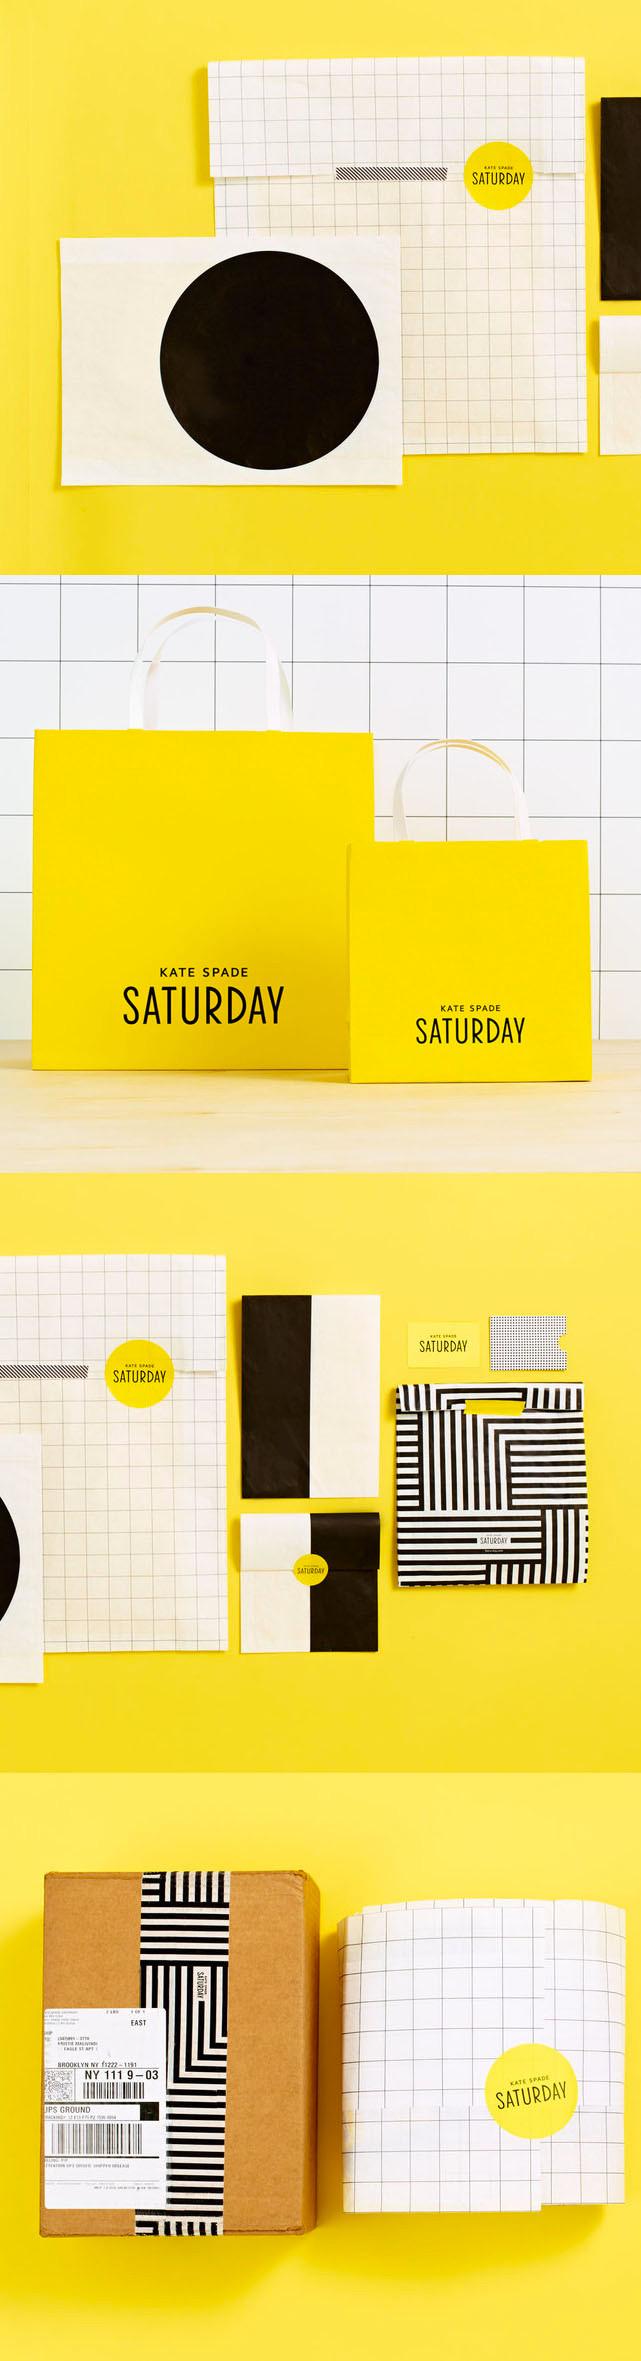 Kate Spade Saturday Packaging Design